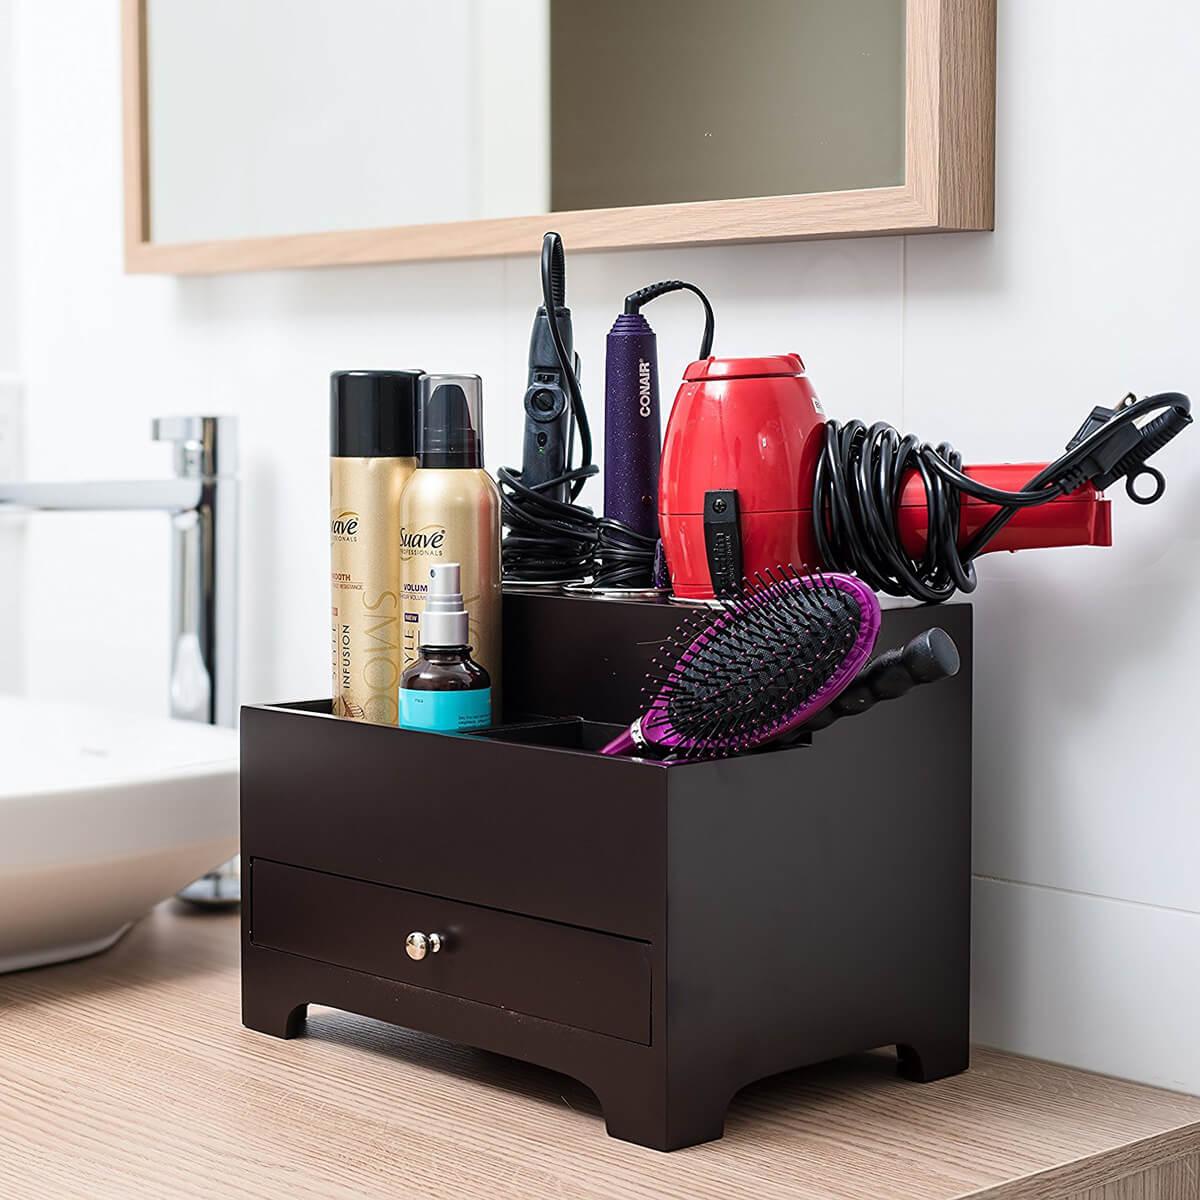 хранение ванных принадлежностей фото 2